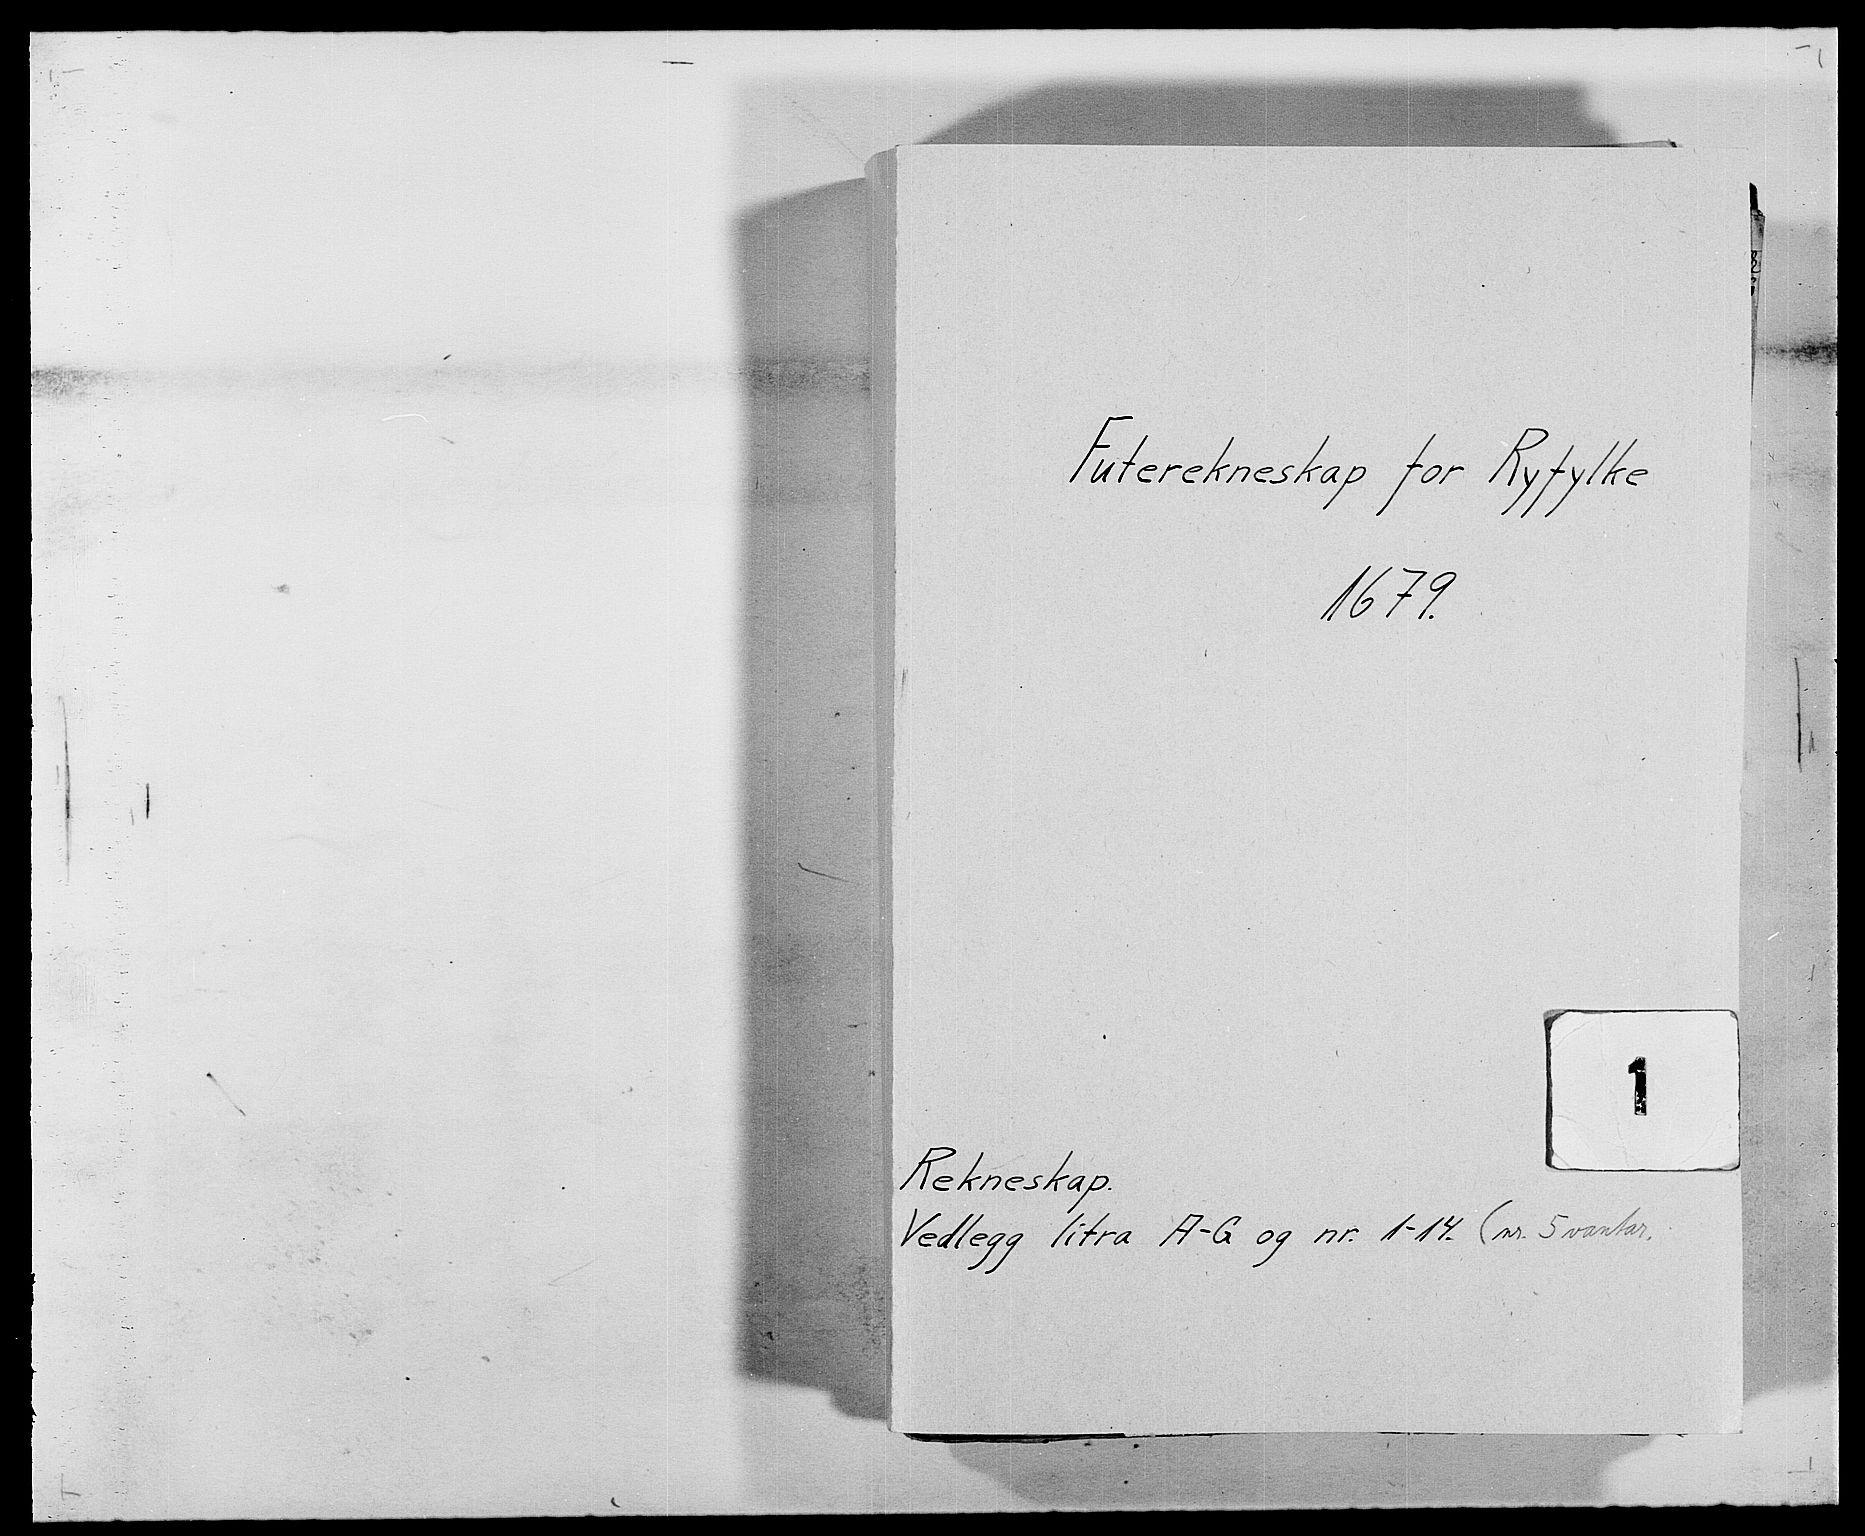 RA, Rentekammeret inntil 1814, Reviderte regnskaper, Fogderegnskap, R47/L2849: Fogderegnskap Ryfylke, 1679, s. 1